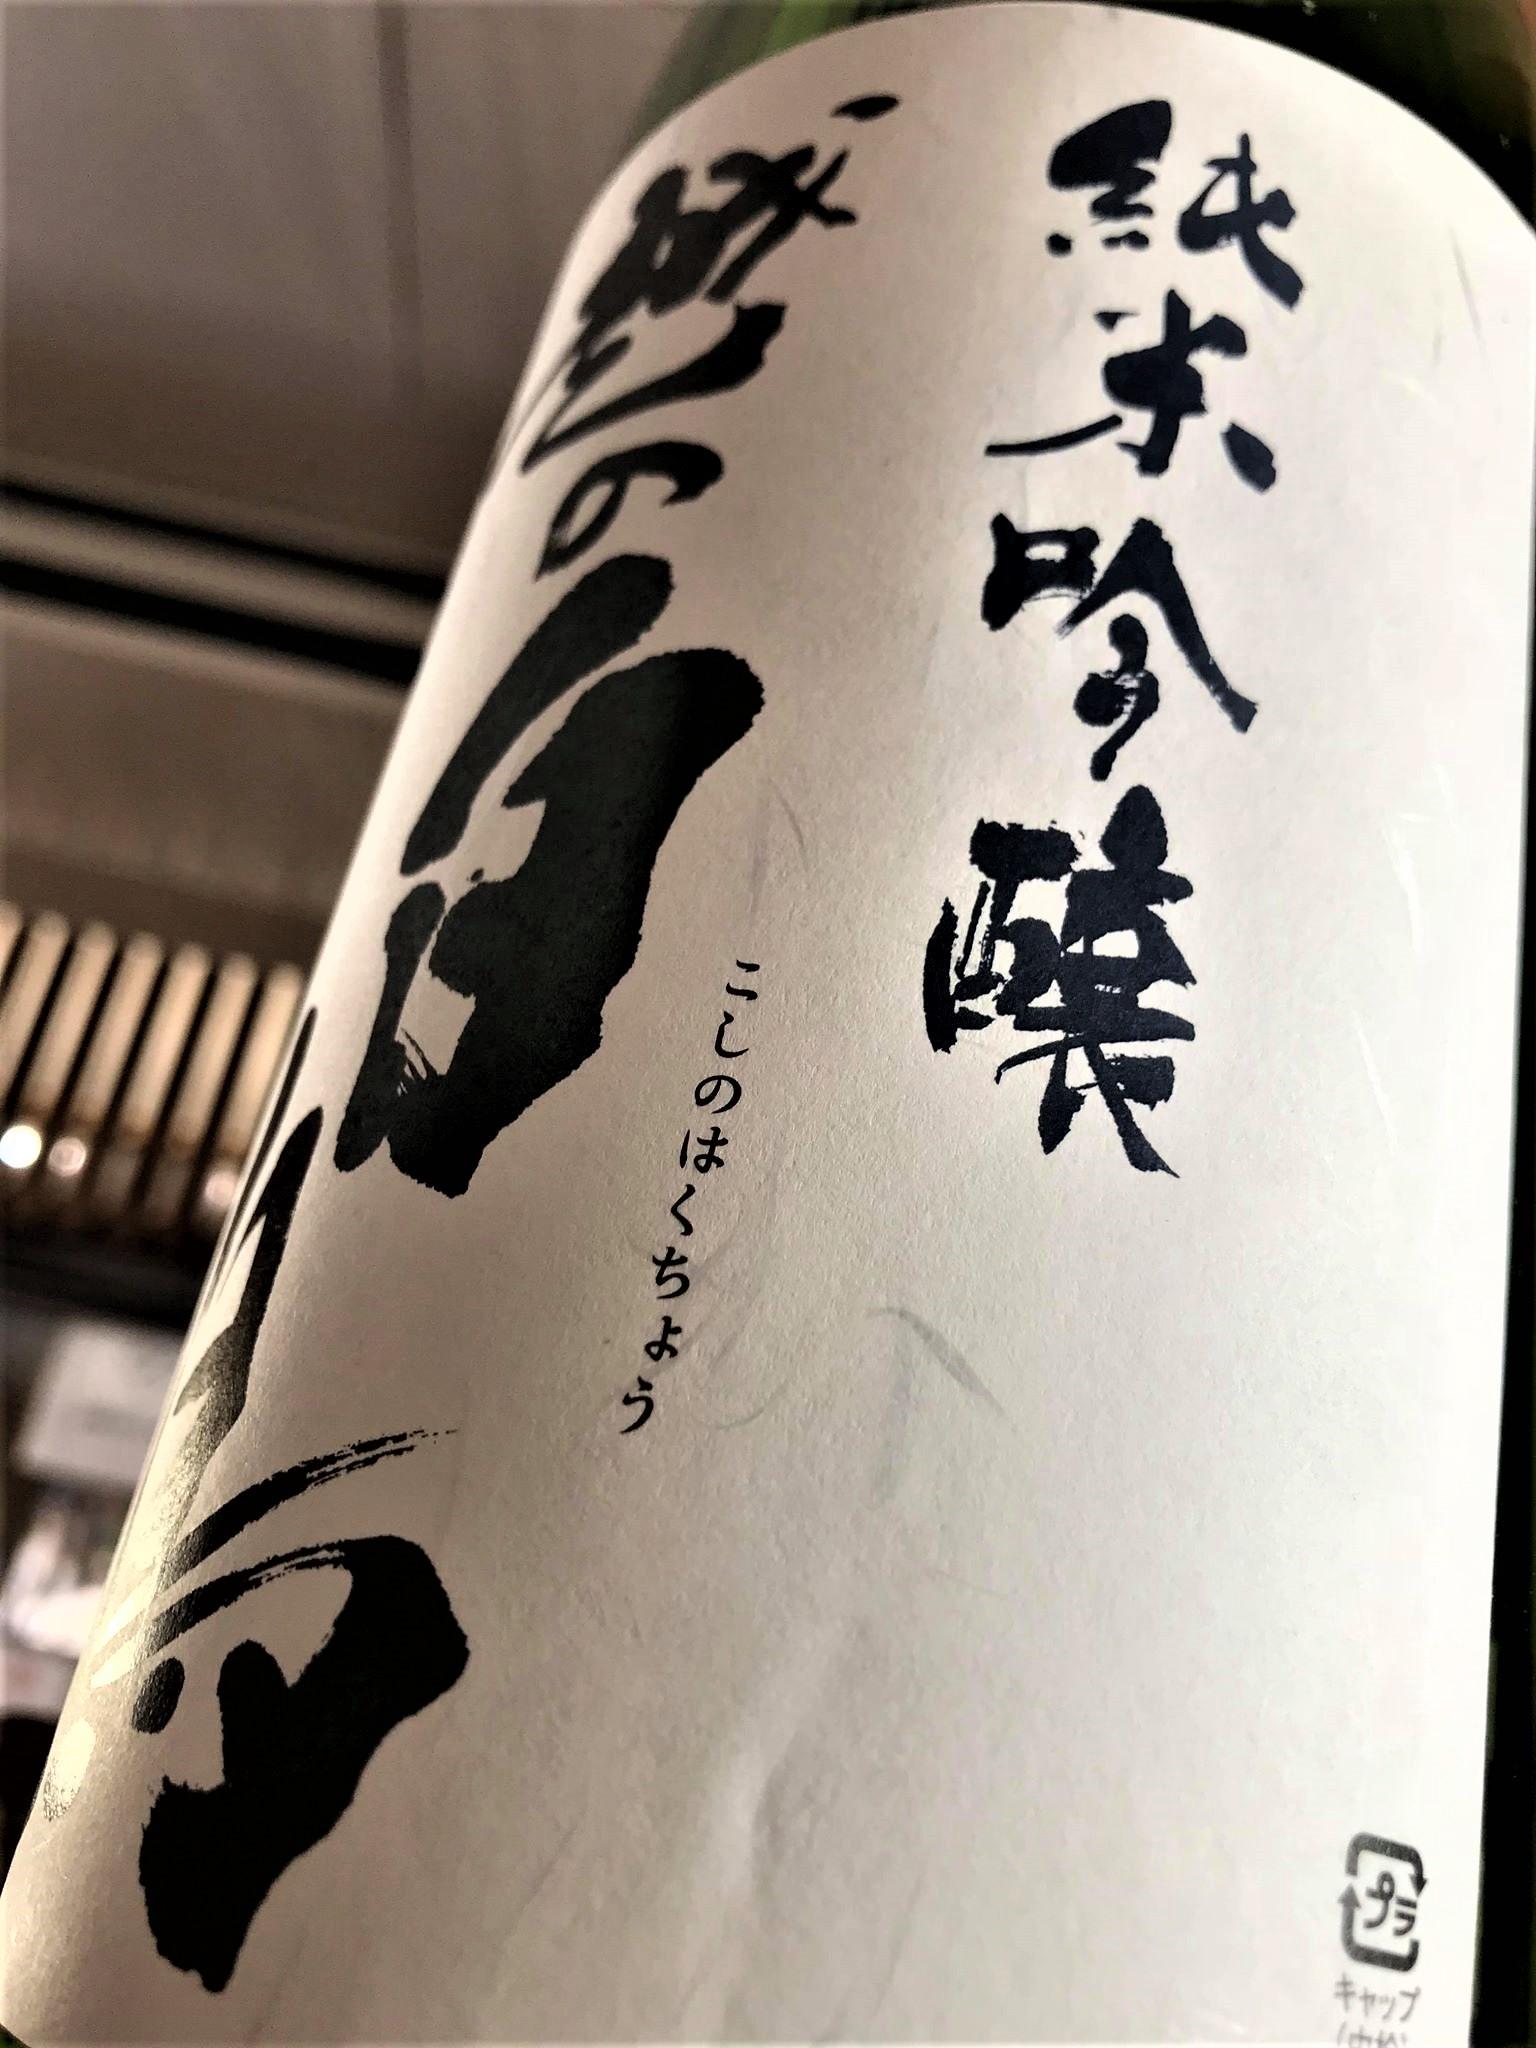 【日本酒】越の白鳥『仕込み8号』純米吟醸 無濾過生原酒 たかね錦55磨き 特別限定蔵出し 令和1BY🆕_e0173738_1230028.jpg